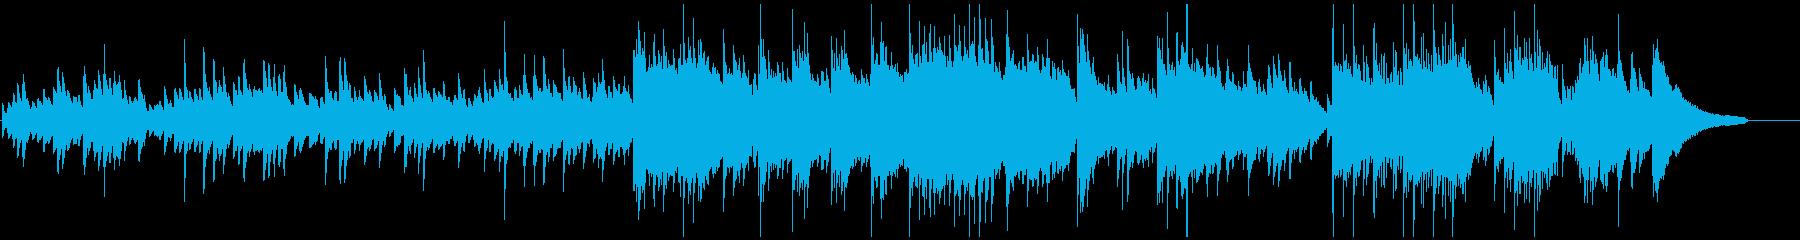 しっとりと滑らかなピアノバラードの再生済みの波形